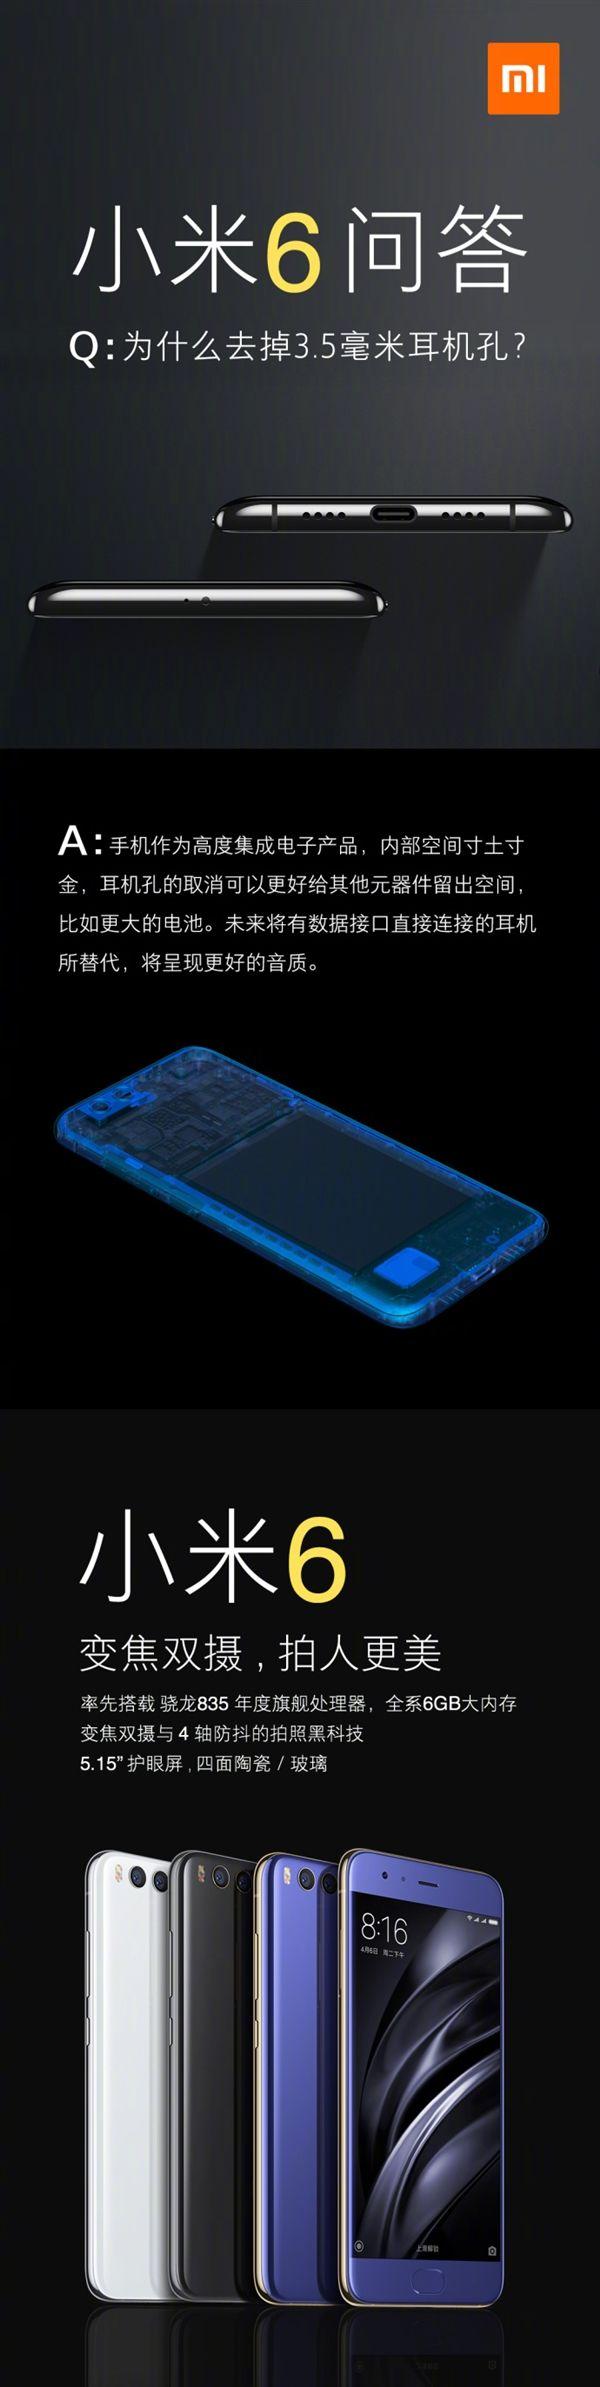 Xiaomi объяснила отказ от 3,5 мм аудиоджека в Xiaomi Mi6 – фото 2